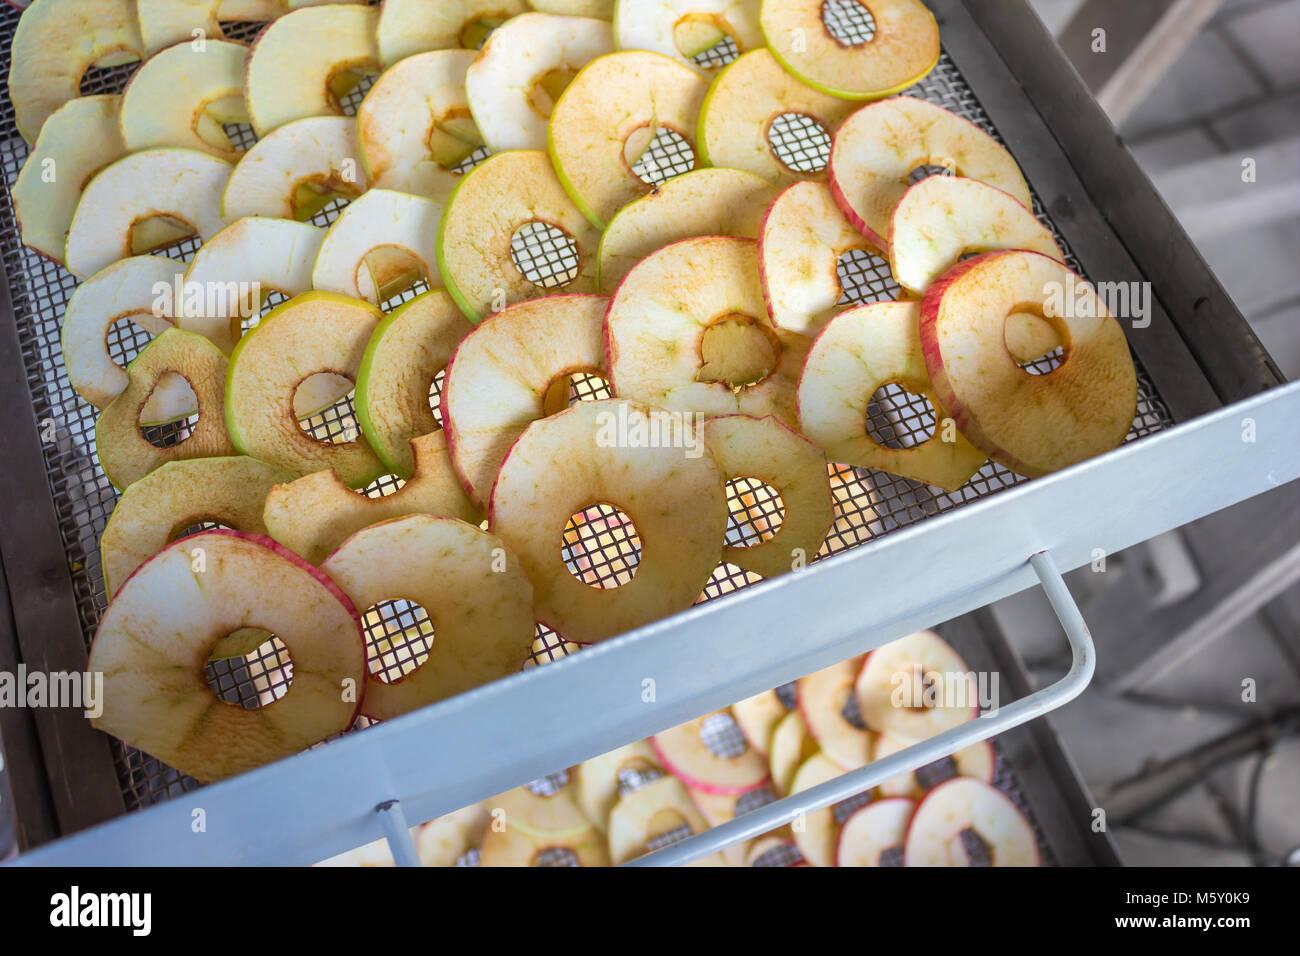 Les pommes sont tranchés et placés dans un sèche-linge Photo Stock